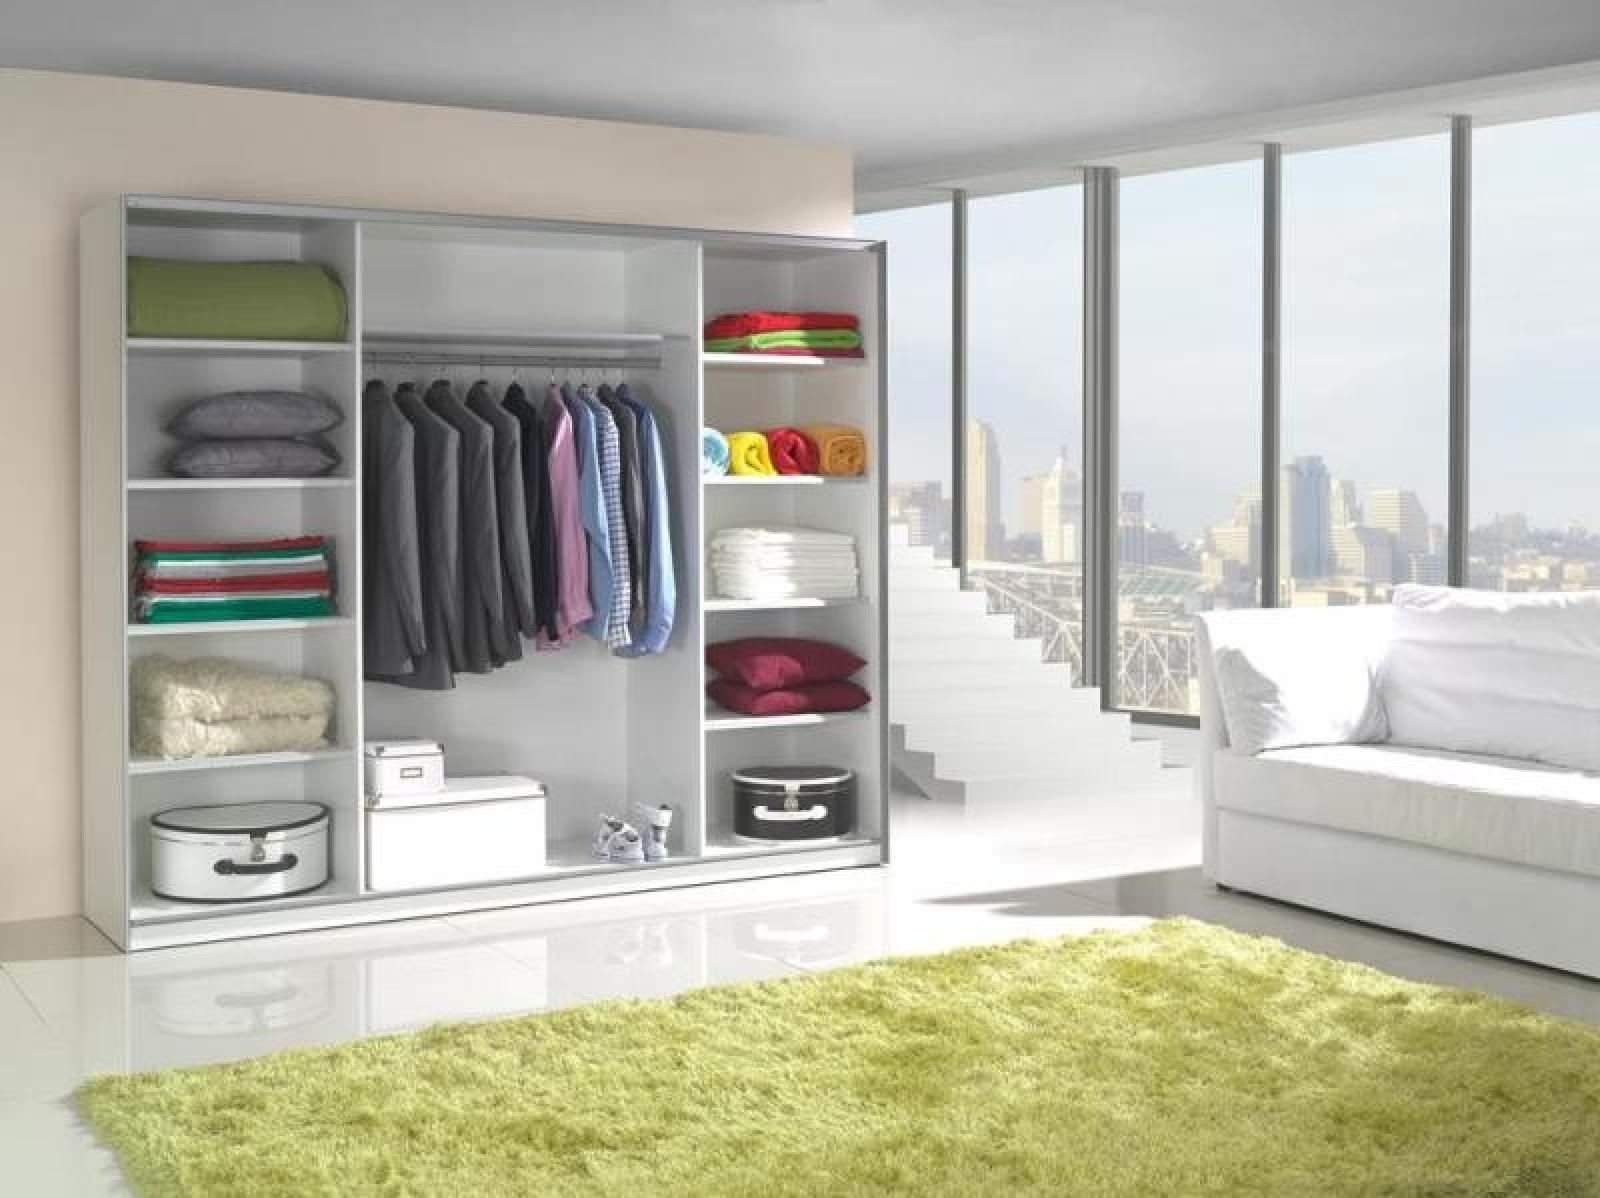 Kleiderschrank spiegel modern  KAUFEXPERT - Schwebetürenschrank 244 cm Strip Weiß Kleiderschrank ...